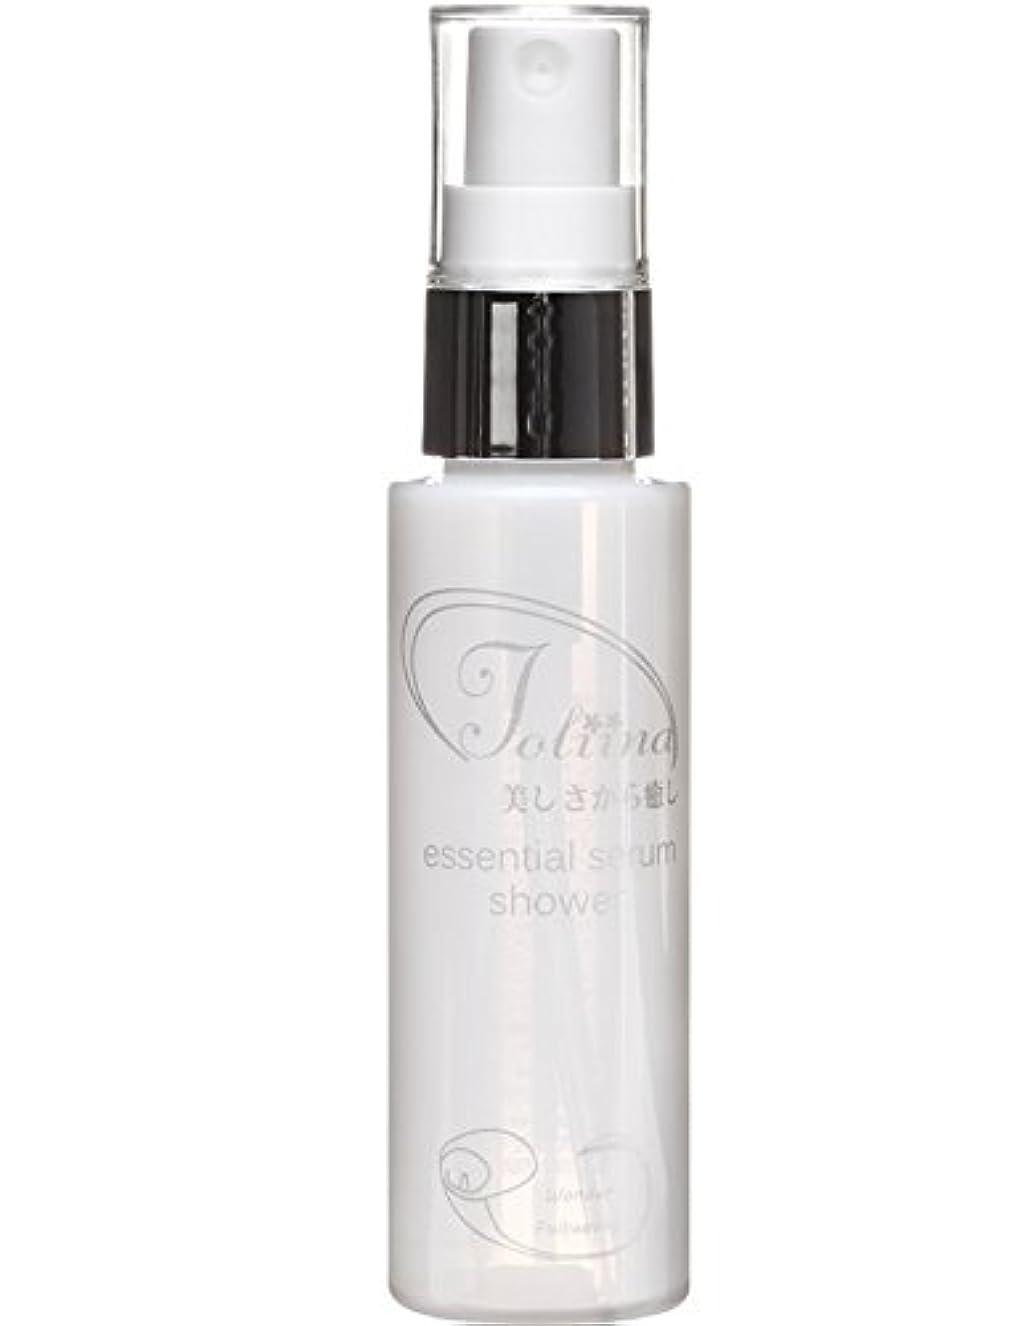 バインドピース綺麗なToliina essential serum shower